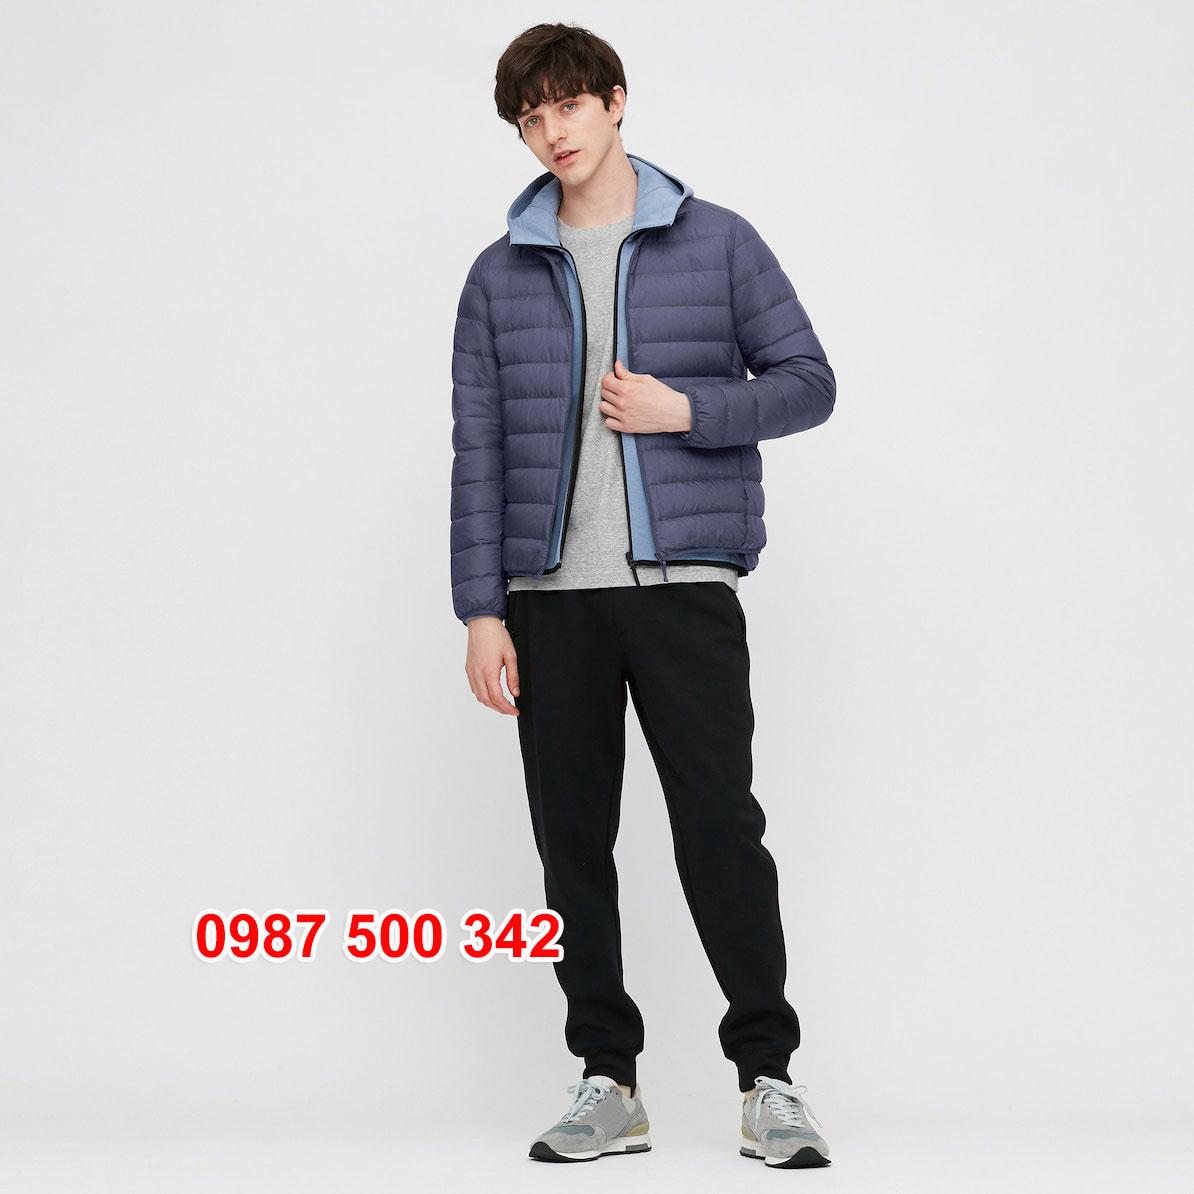 Áo lông vũ nam không mũ Uniqlo 2020 - 2021 mã 429280 áo màu xanh biển 67 BLUE